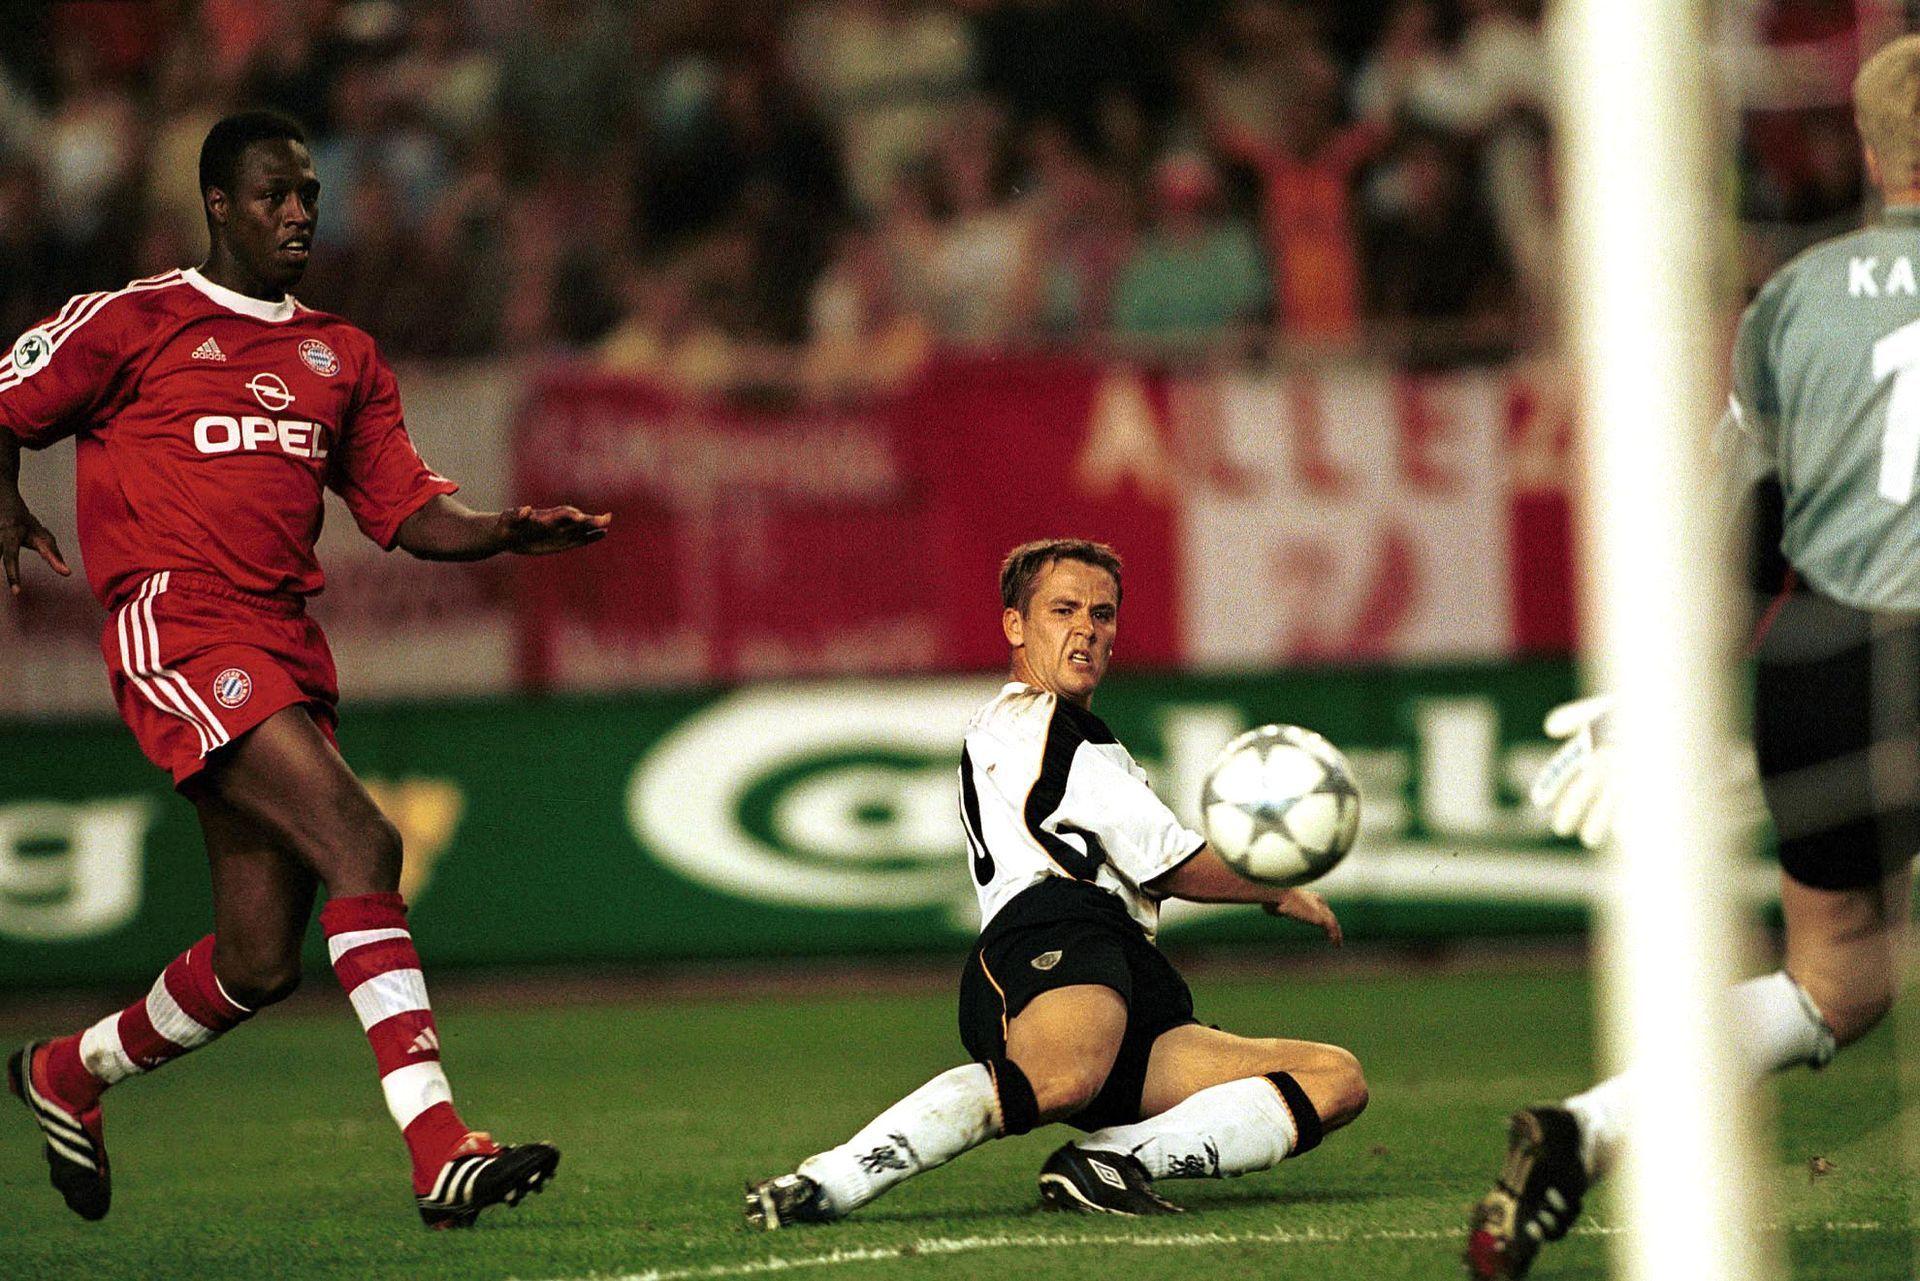 Оуен вкарва във вратата на Байерн с Оливер Кан на нея - 2001 г., финал за Суперкупата на Европа.